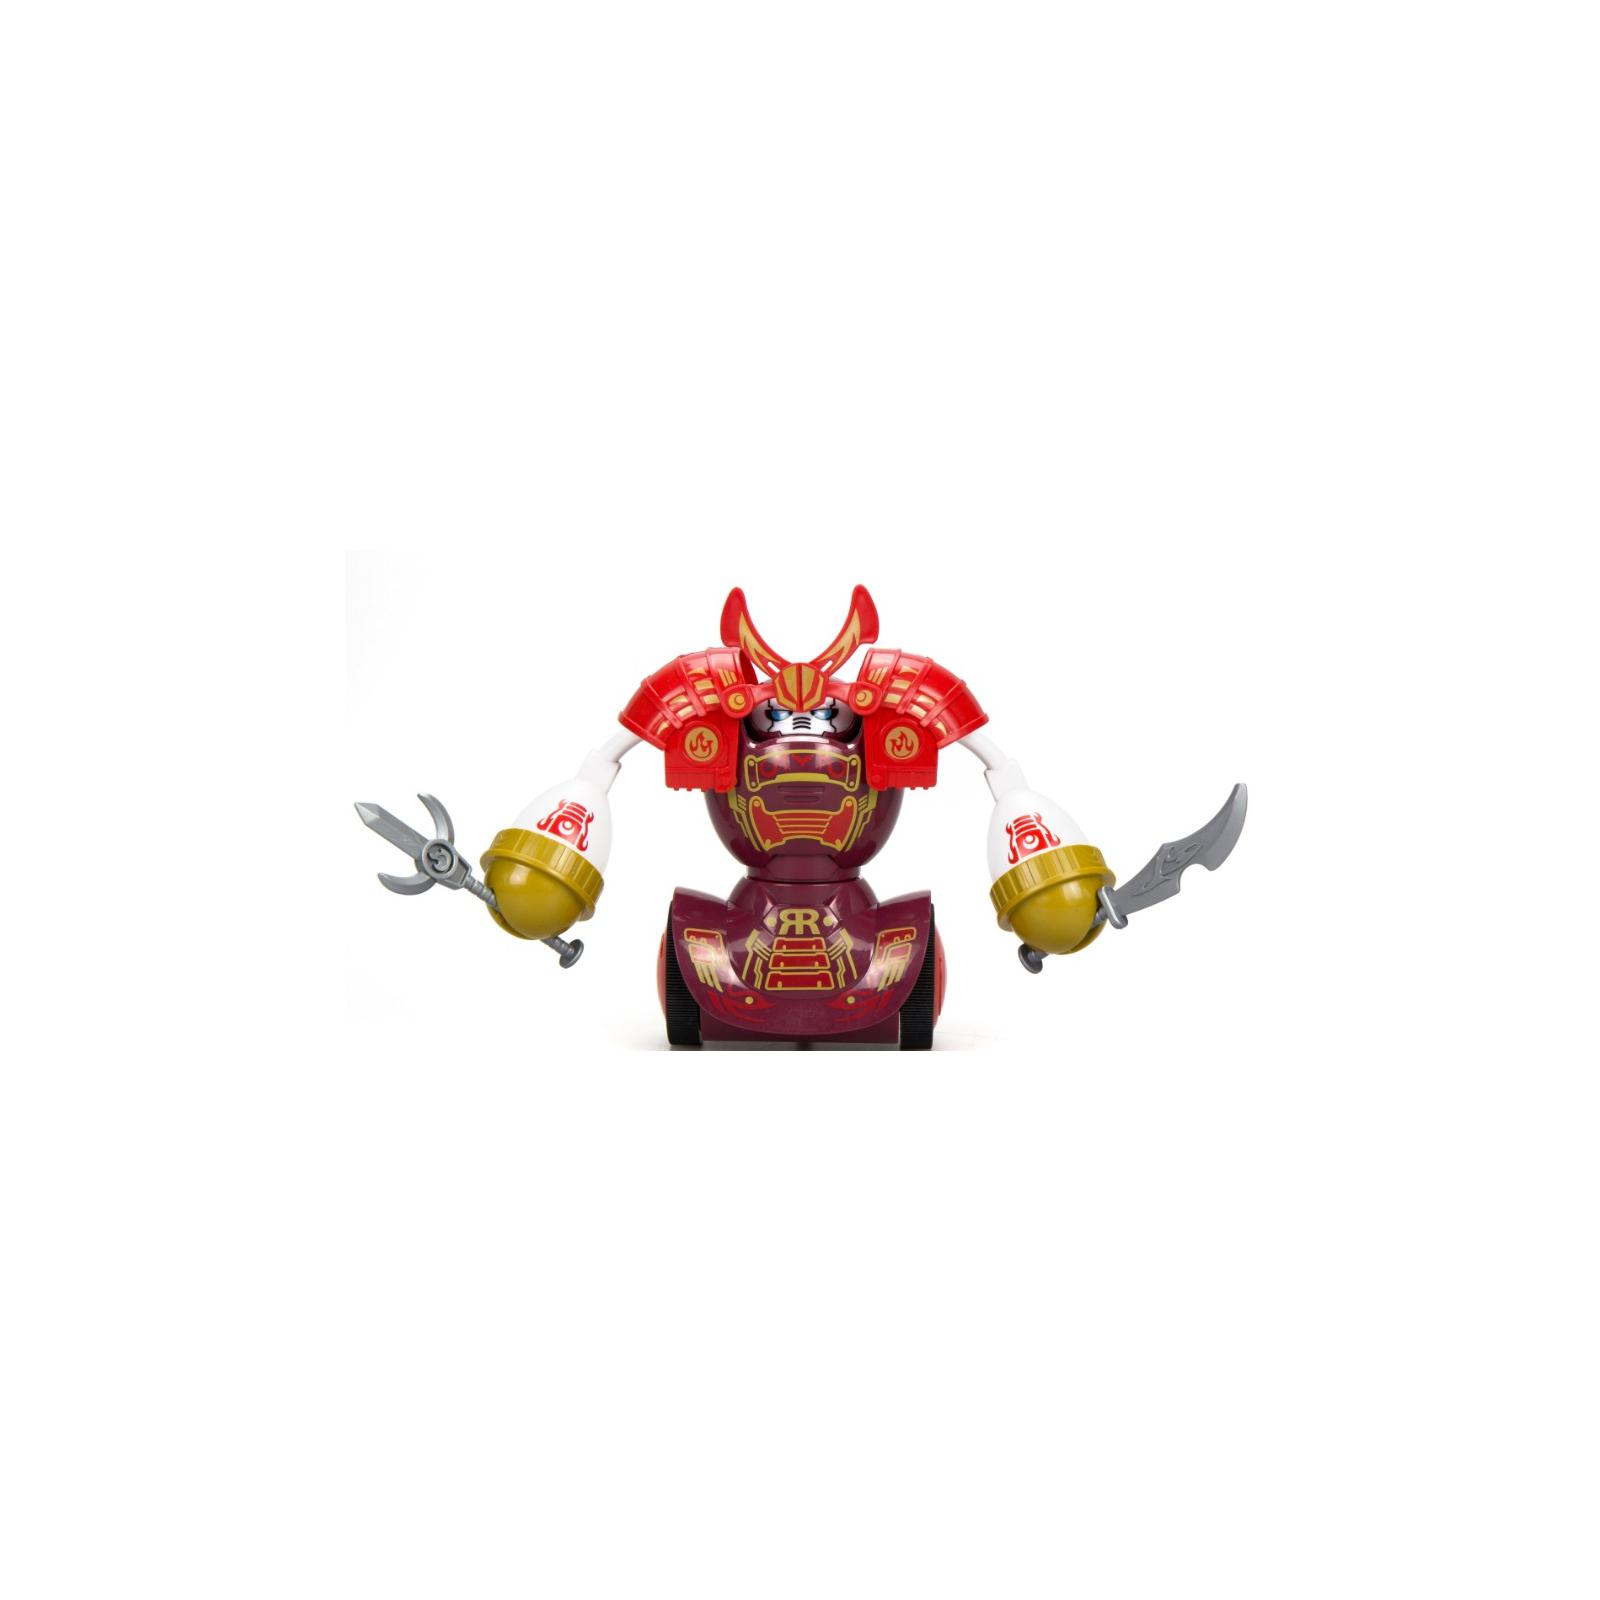 Интерактивная игрушка Silverlit Роботы-самураи (88056) изображение 2